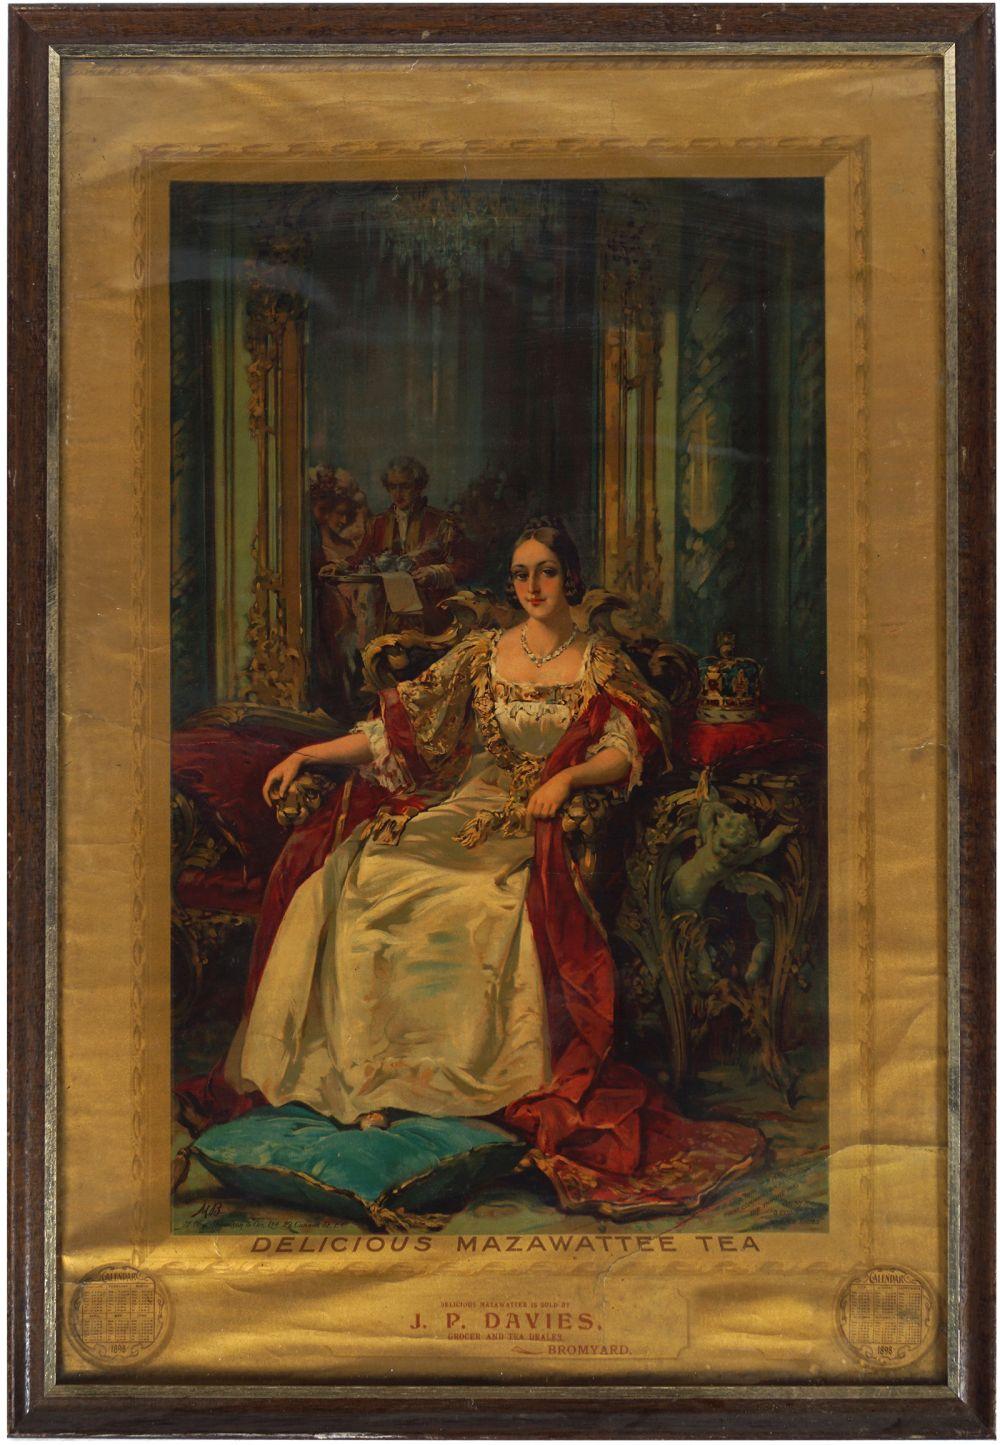 DELICIOUS MAZAWATTEE TEA CALENDAR 1898